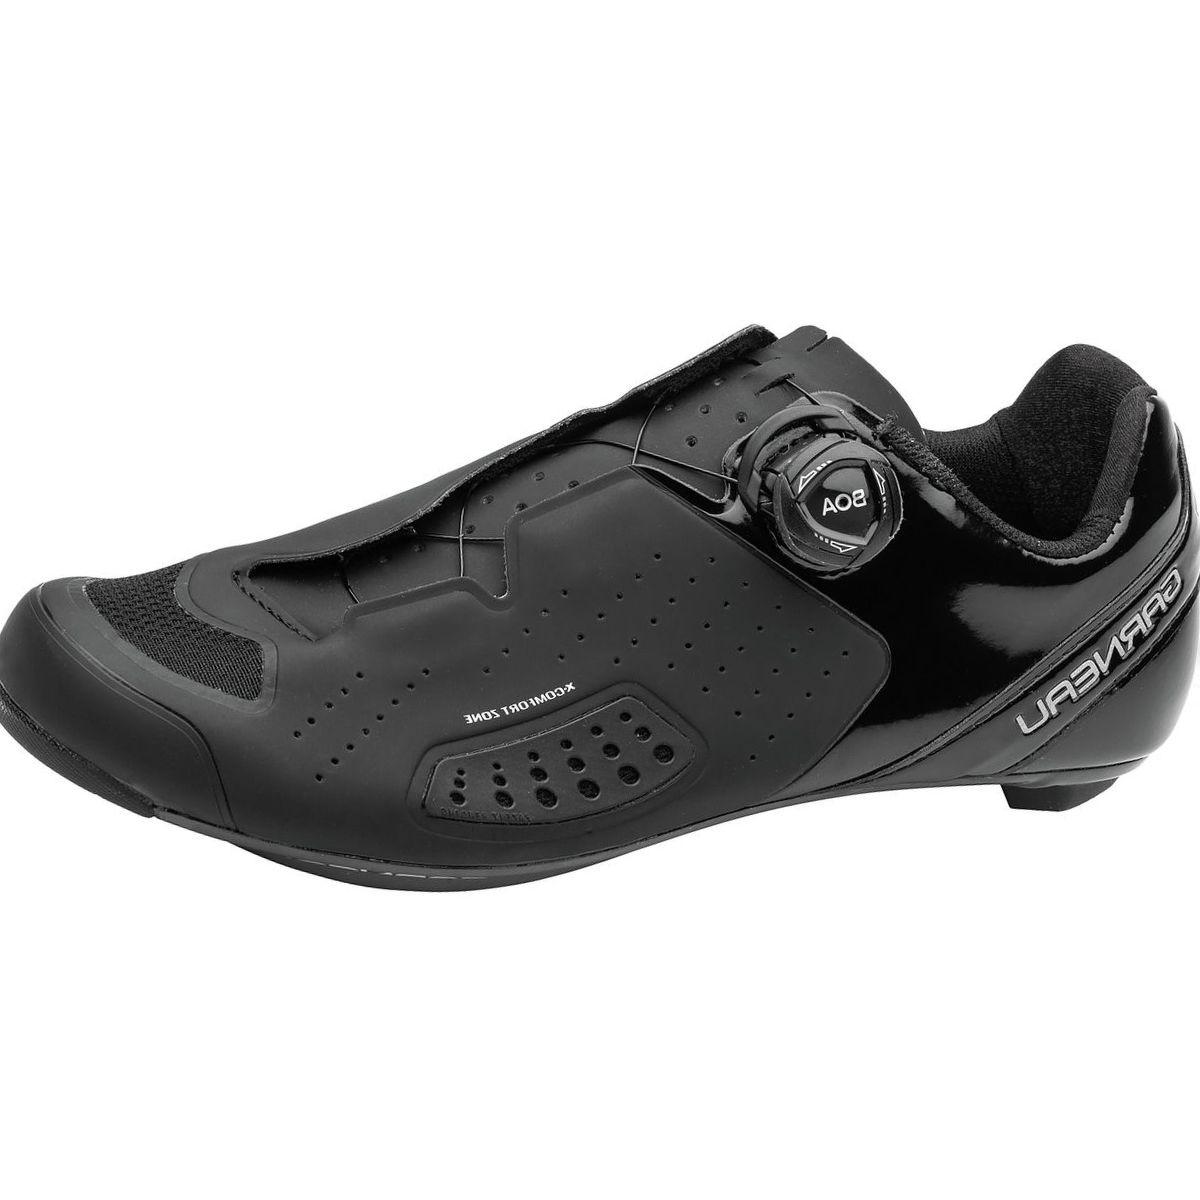 Louis Garneau Carbon LS-100 III Cycling Shoe - Men's